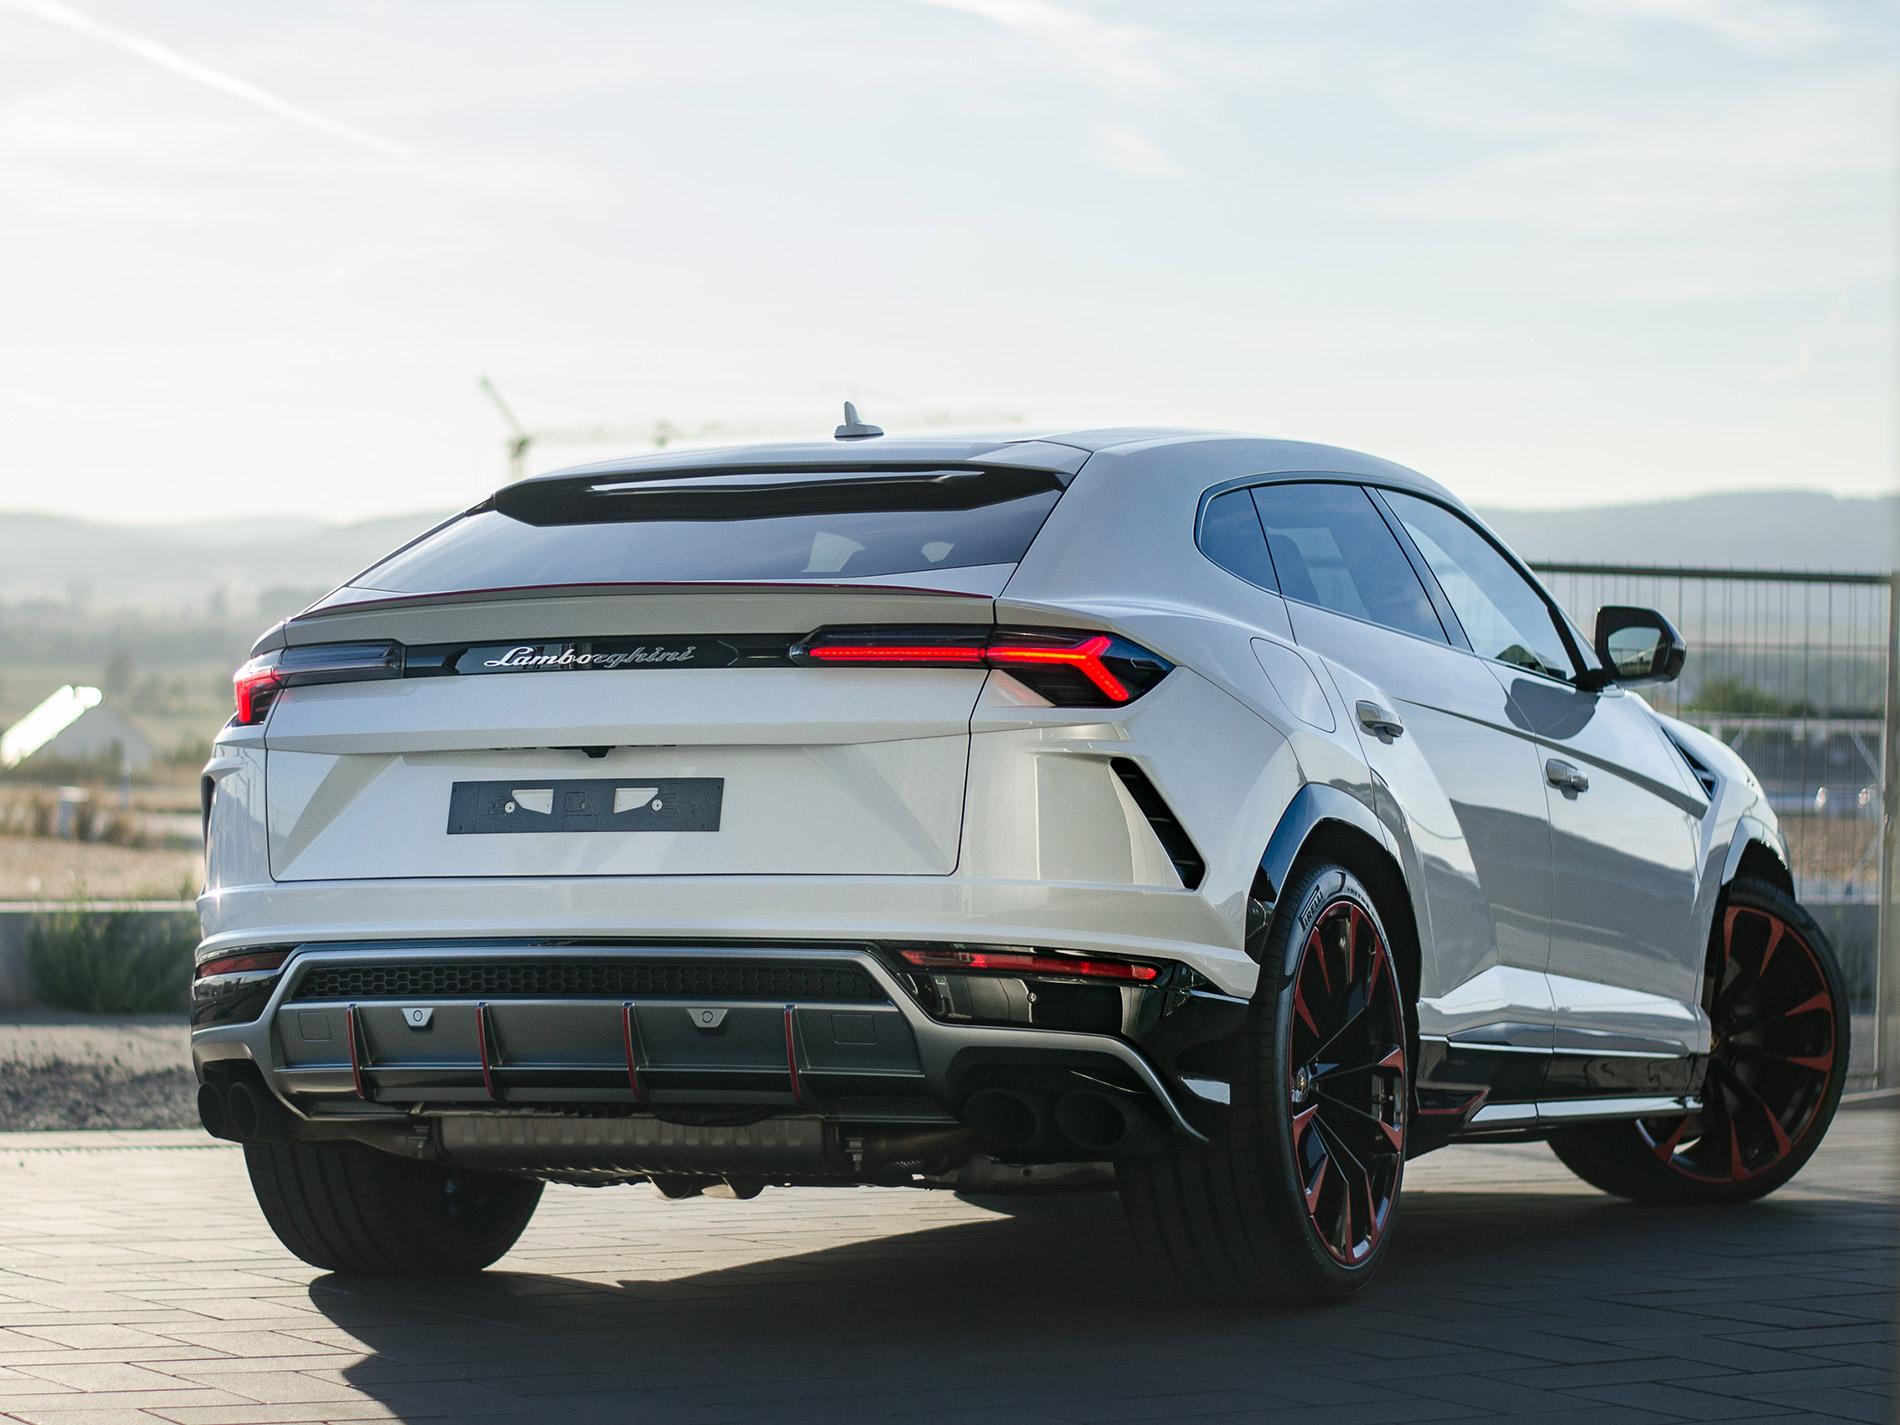 Lamborghini Urus 7